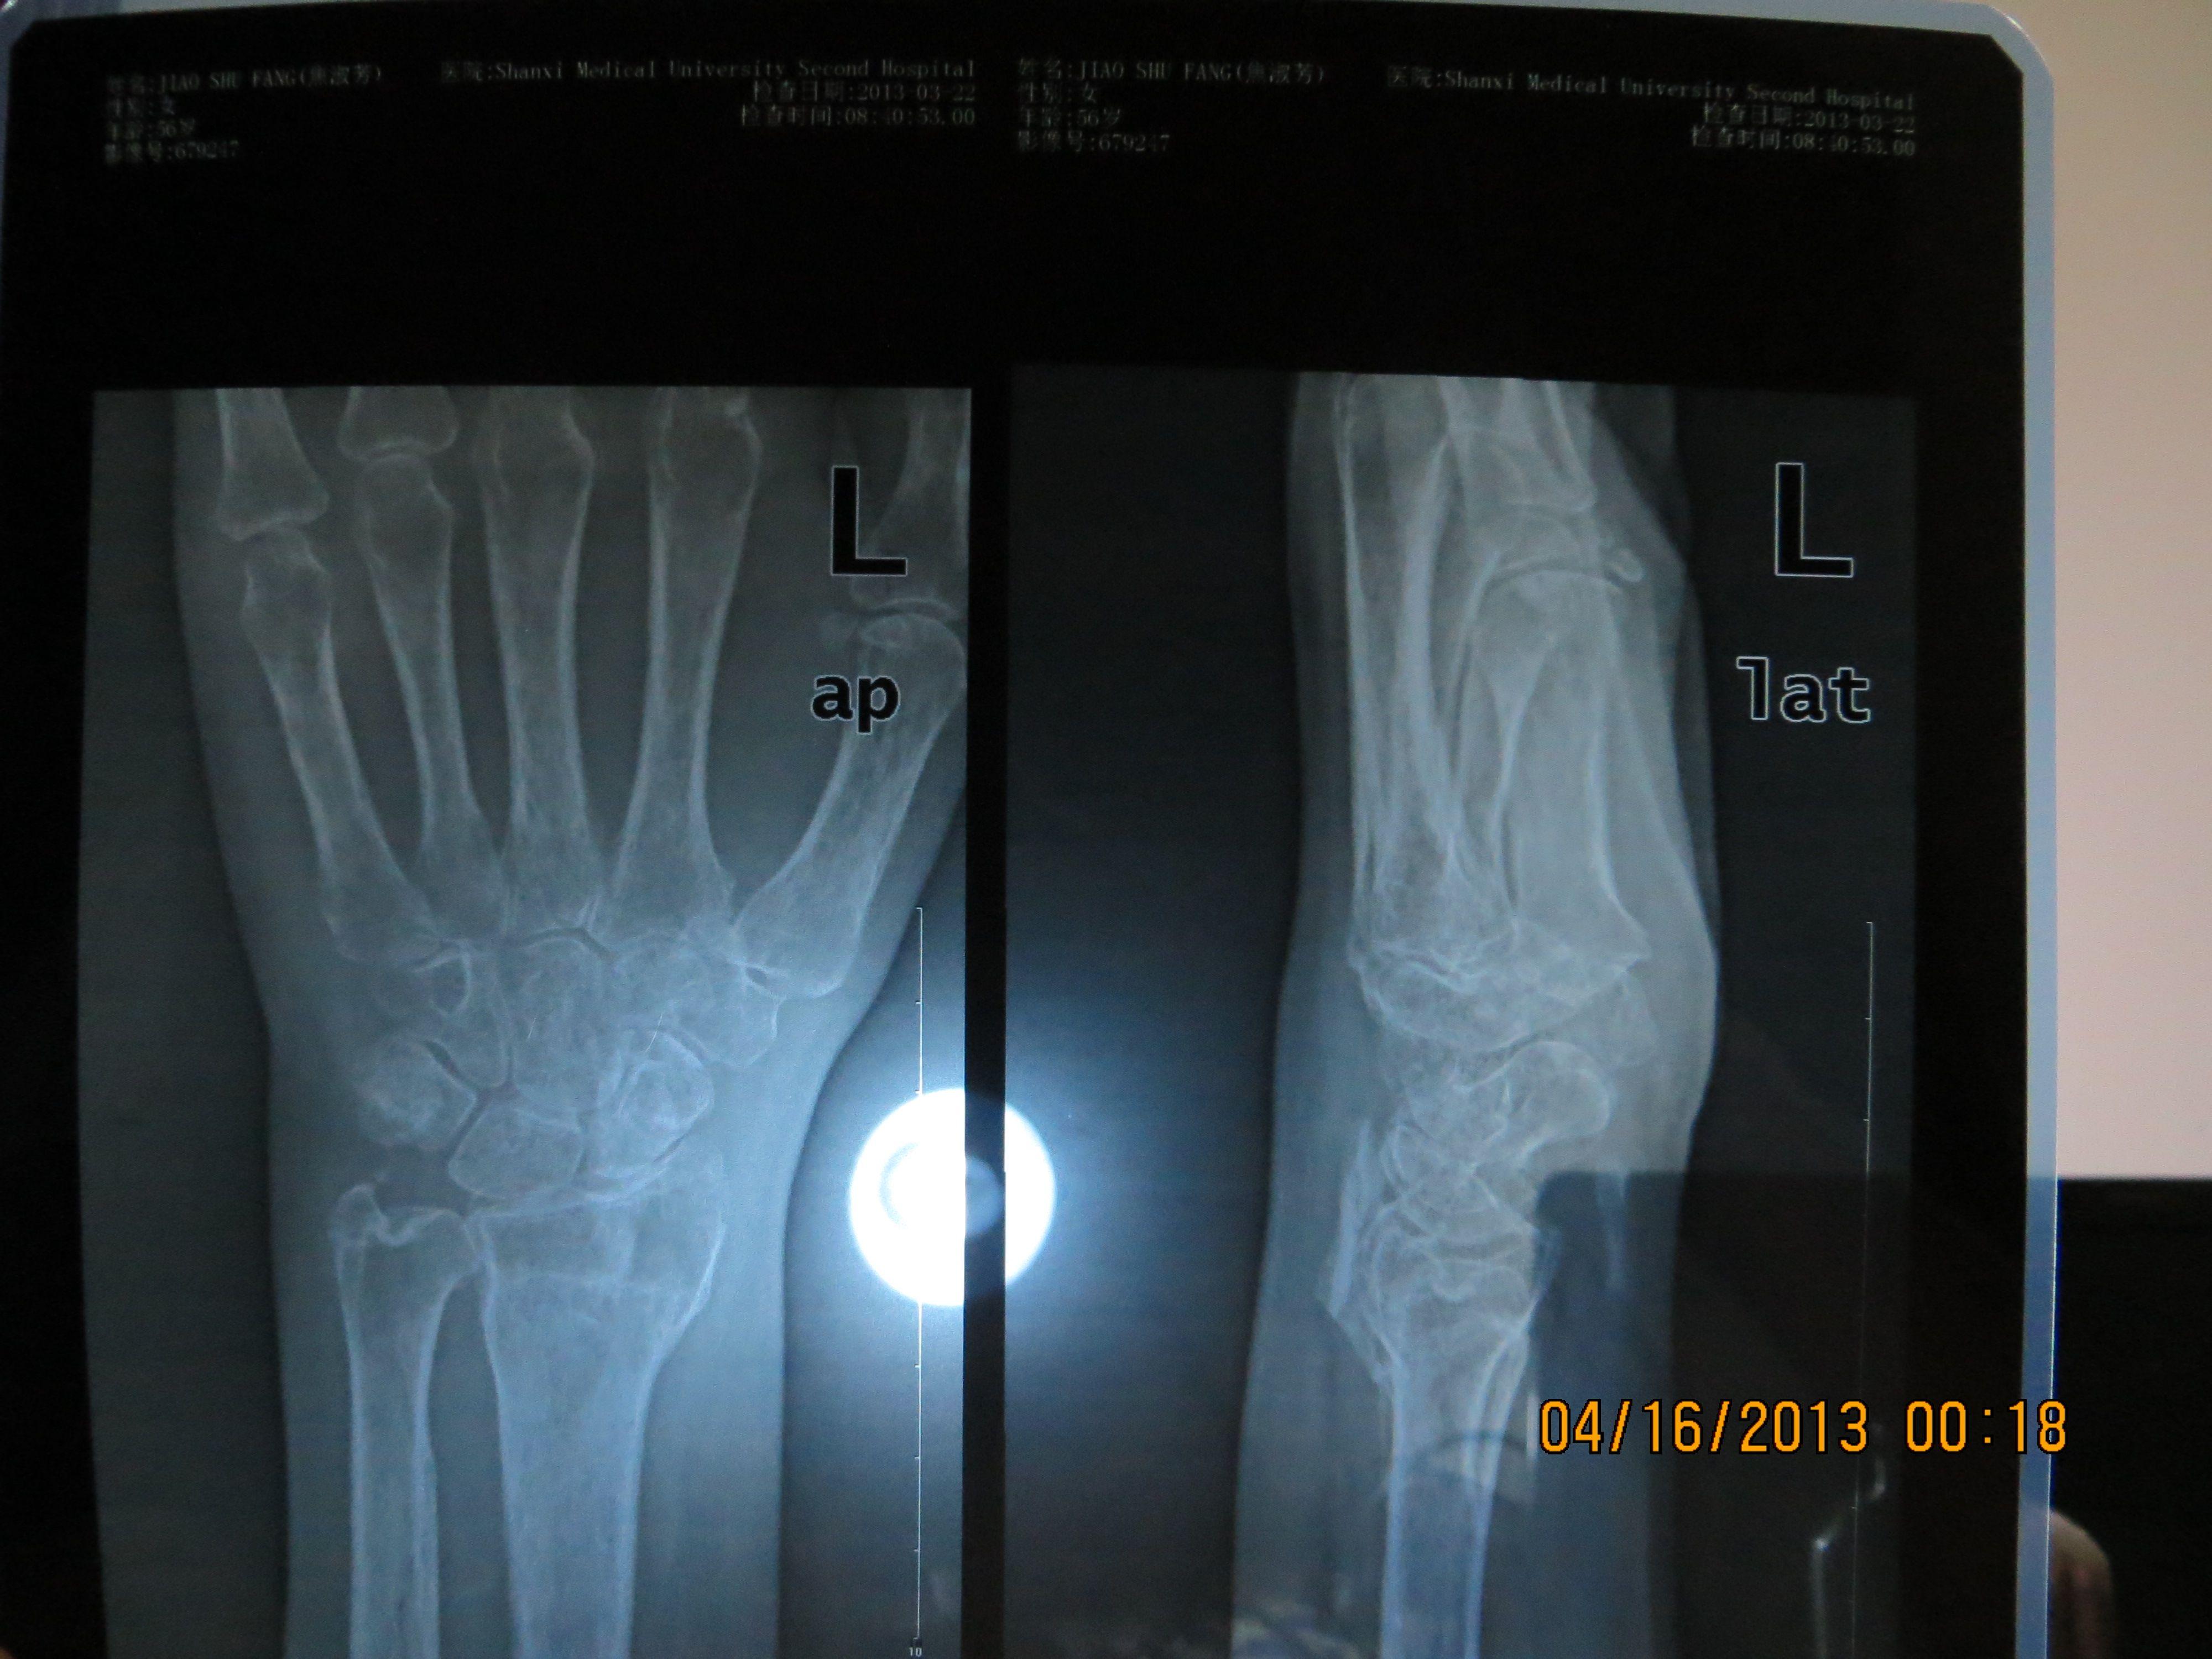 老妈 去年12月4日 ,摔倒后 左手腕骨折. 现在每天左手图片